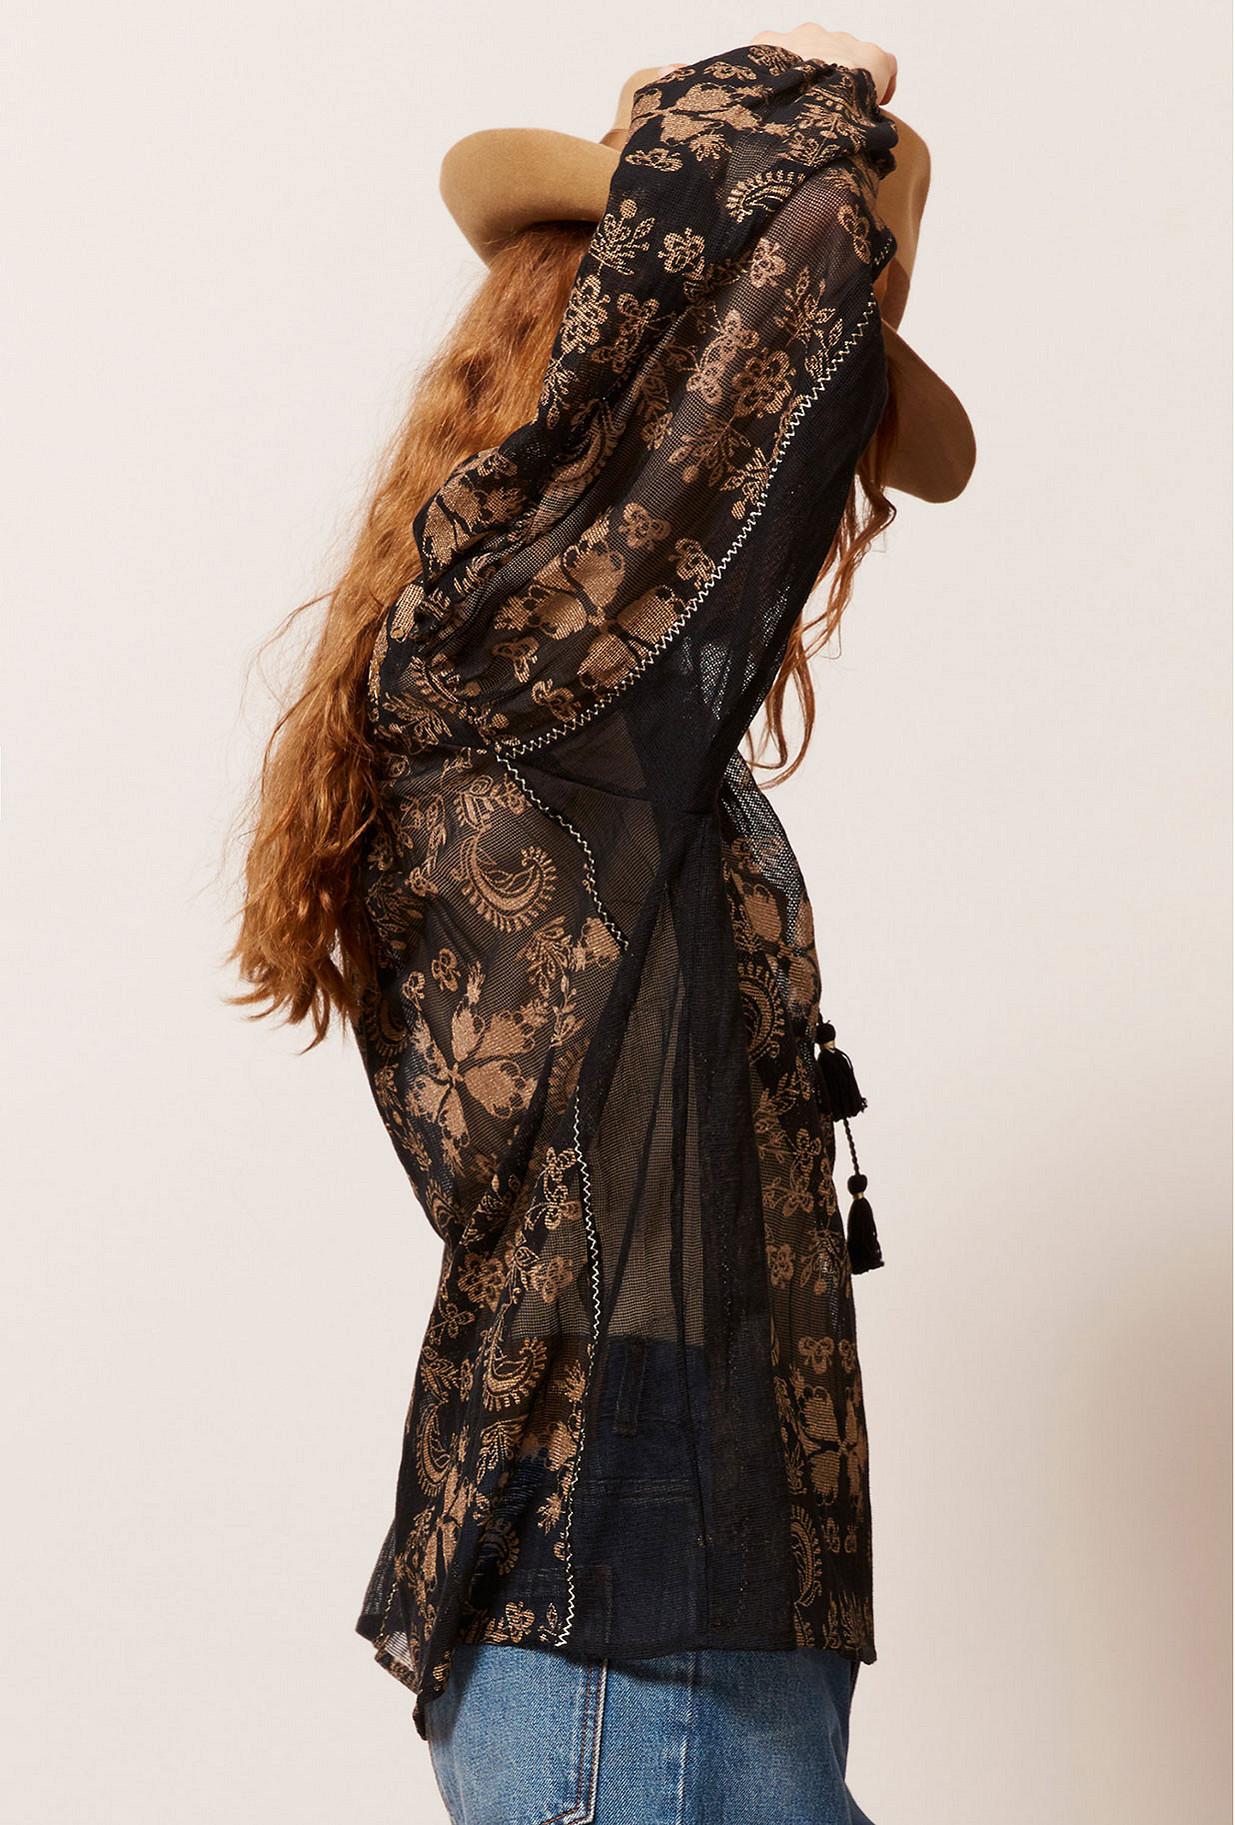 Paris boutique de mode vêtement Blouse créateur bohème Atlante